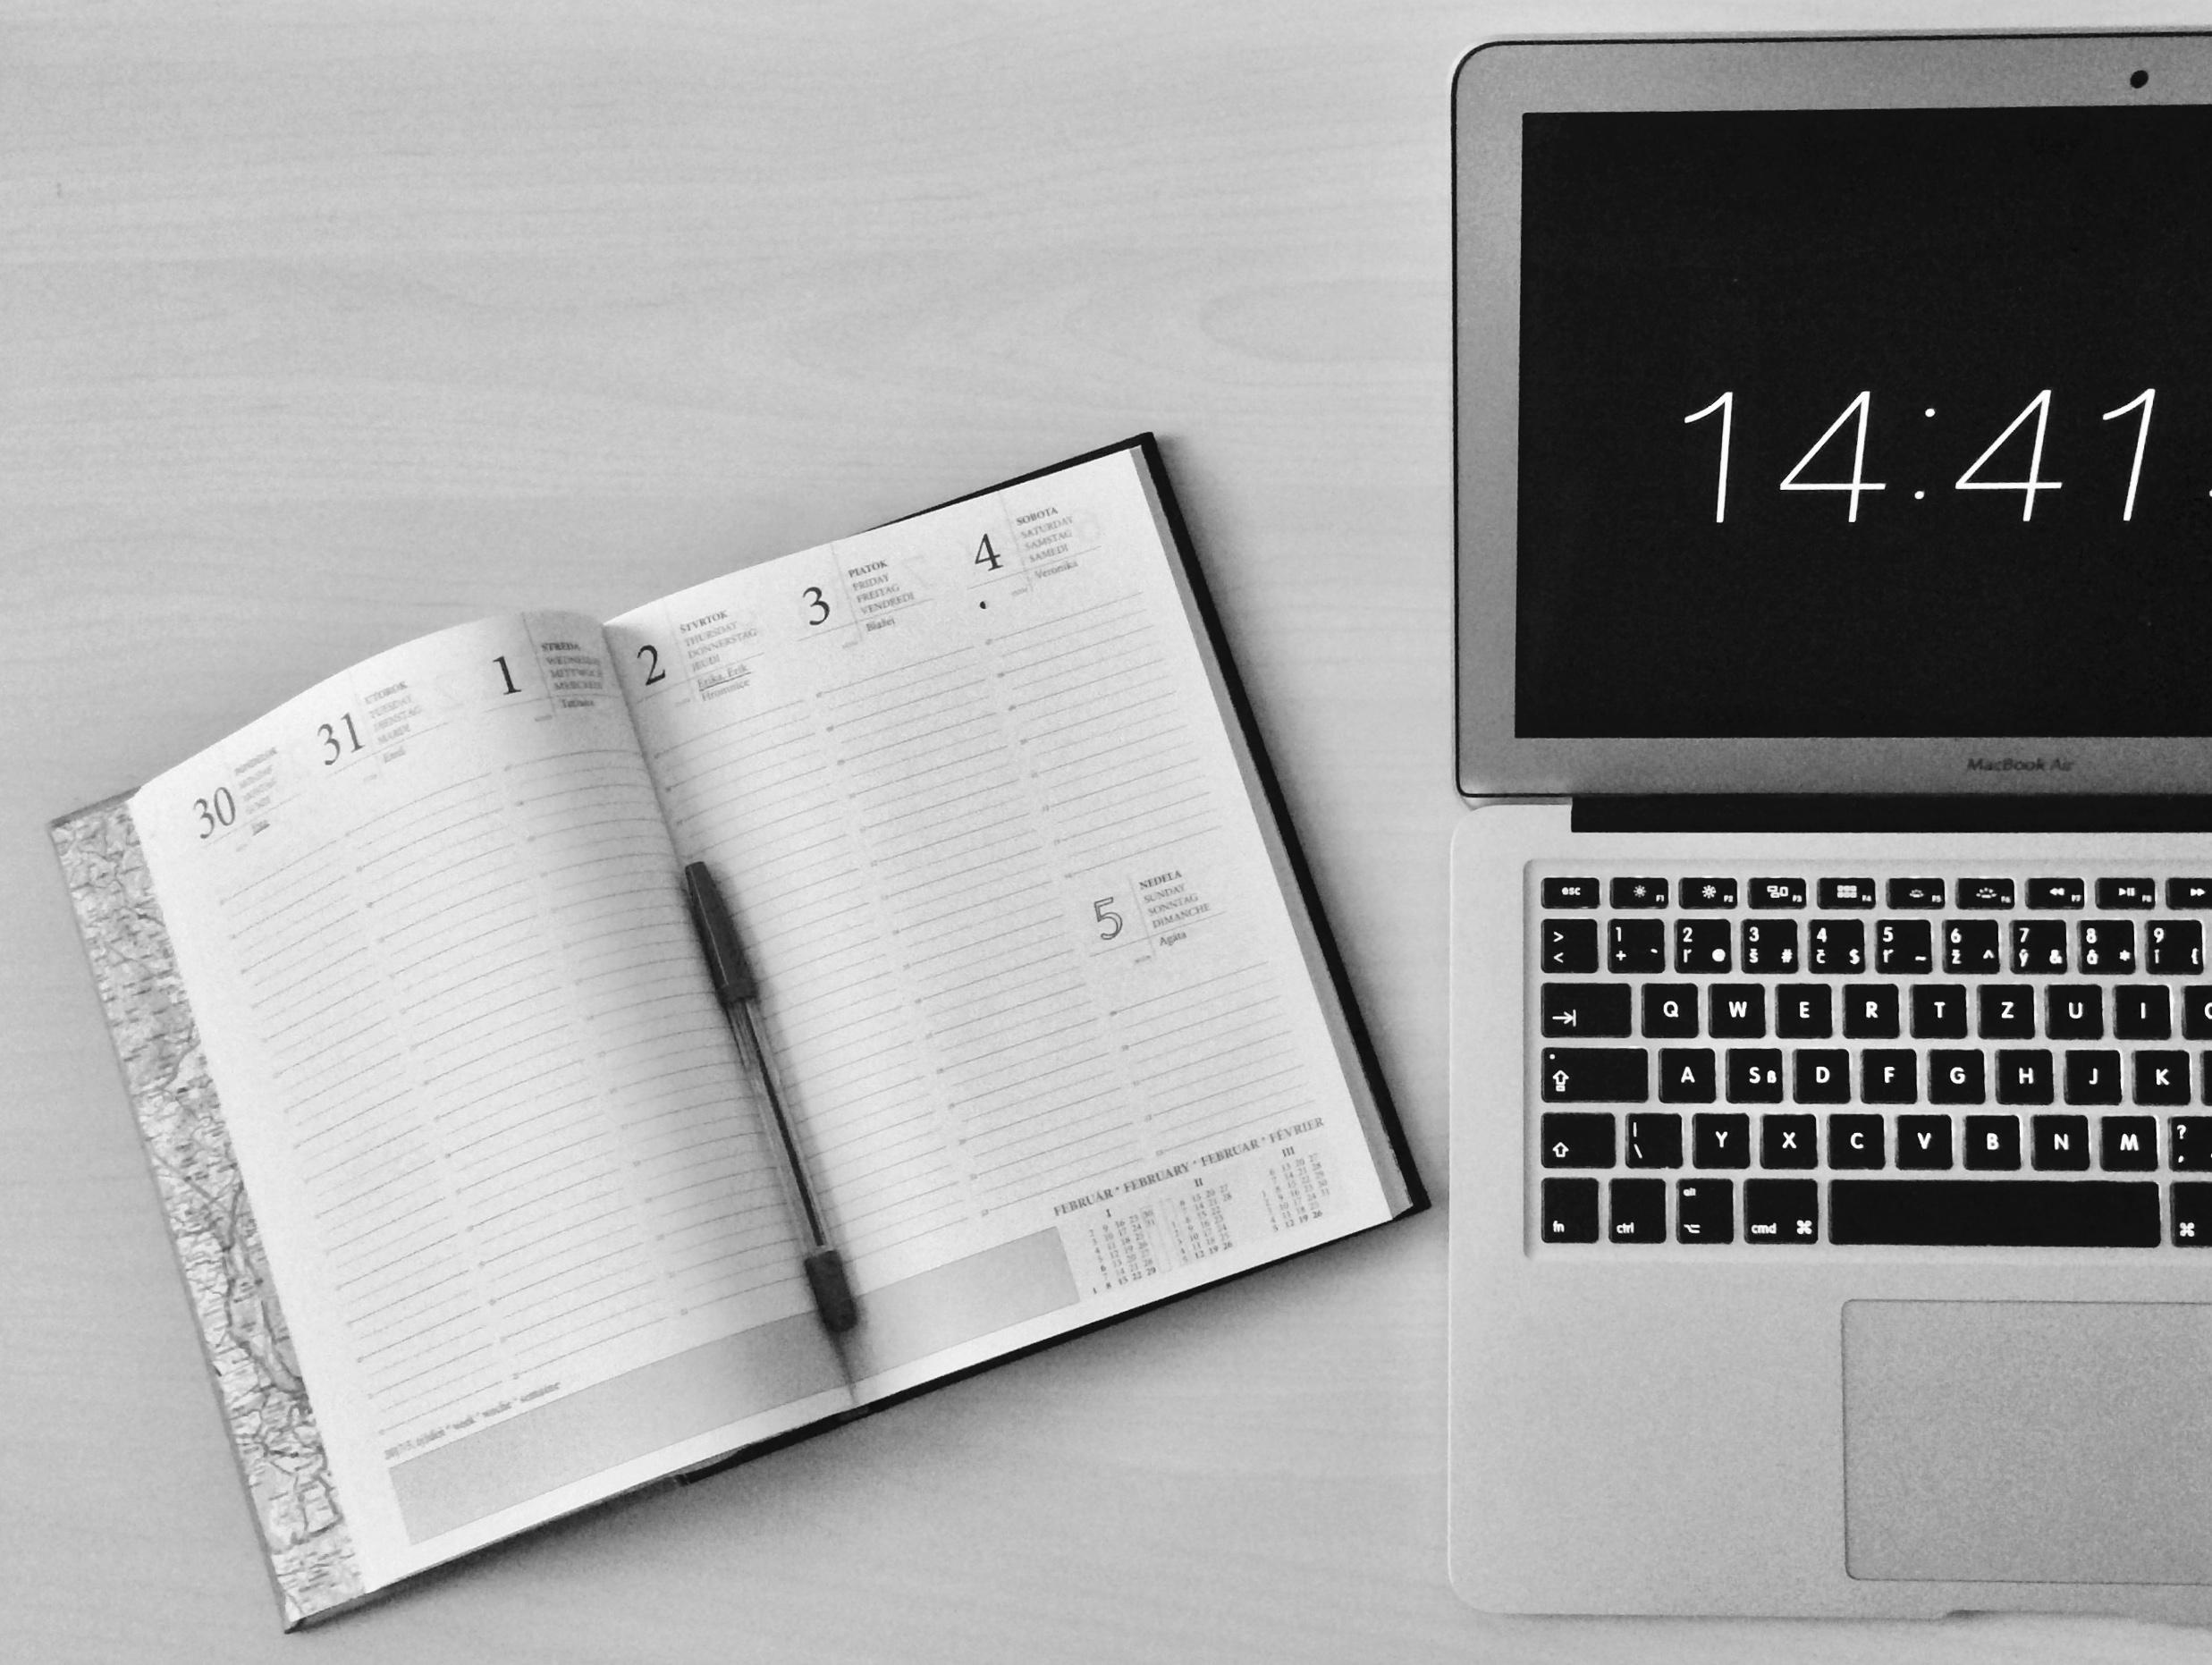 Блочное управление временем: группируем однотипные задачи